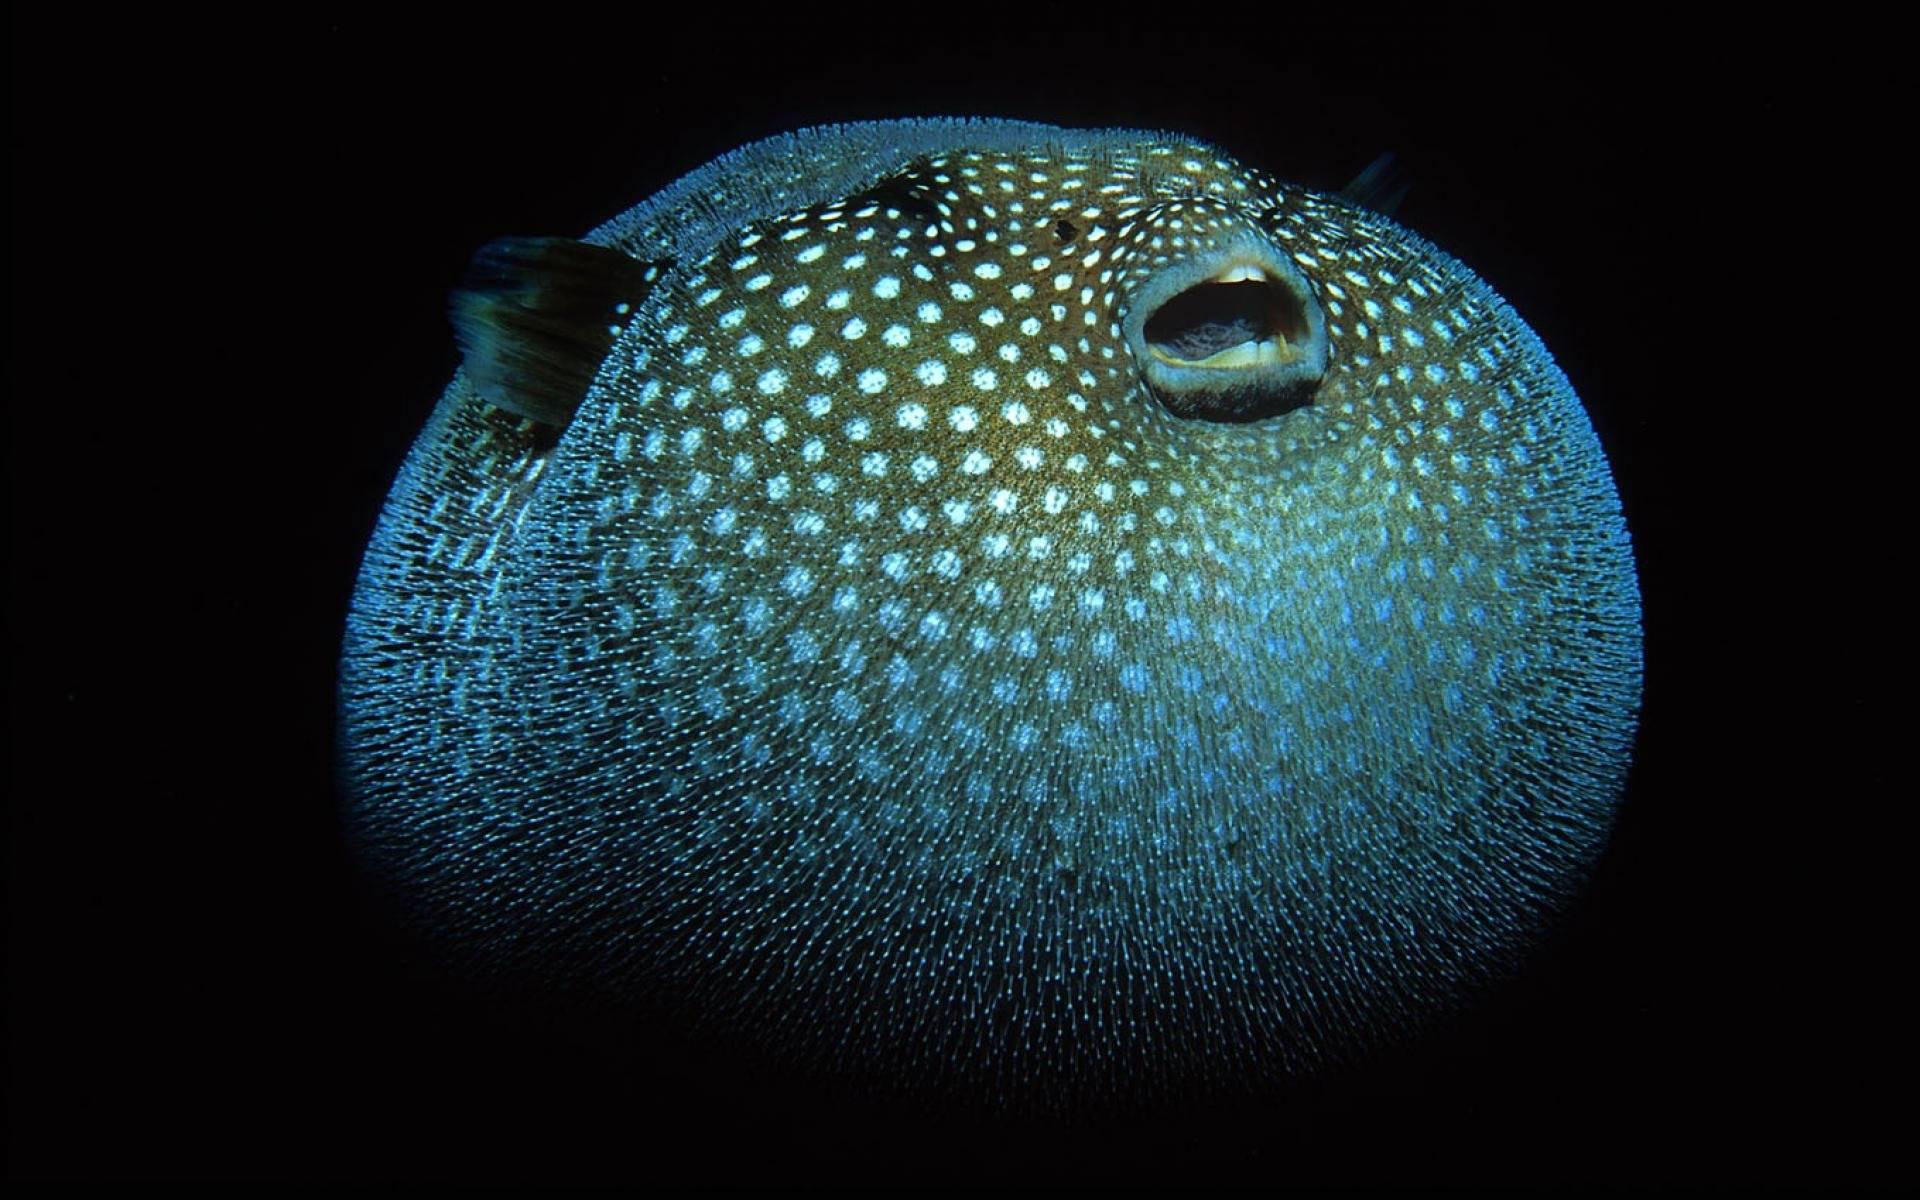 Рыба-еж: обитание, описание и образ жизни рыбки